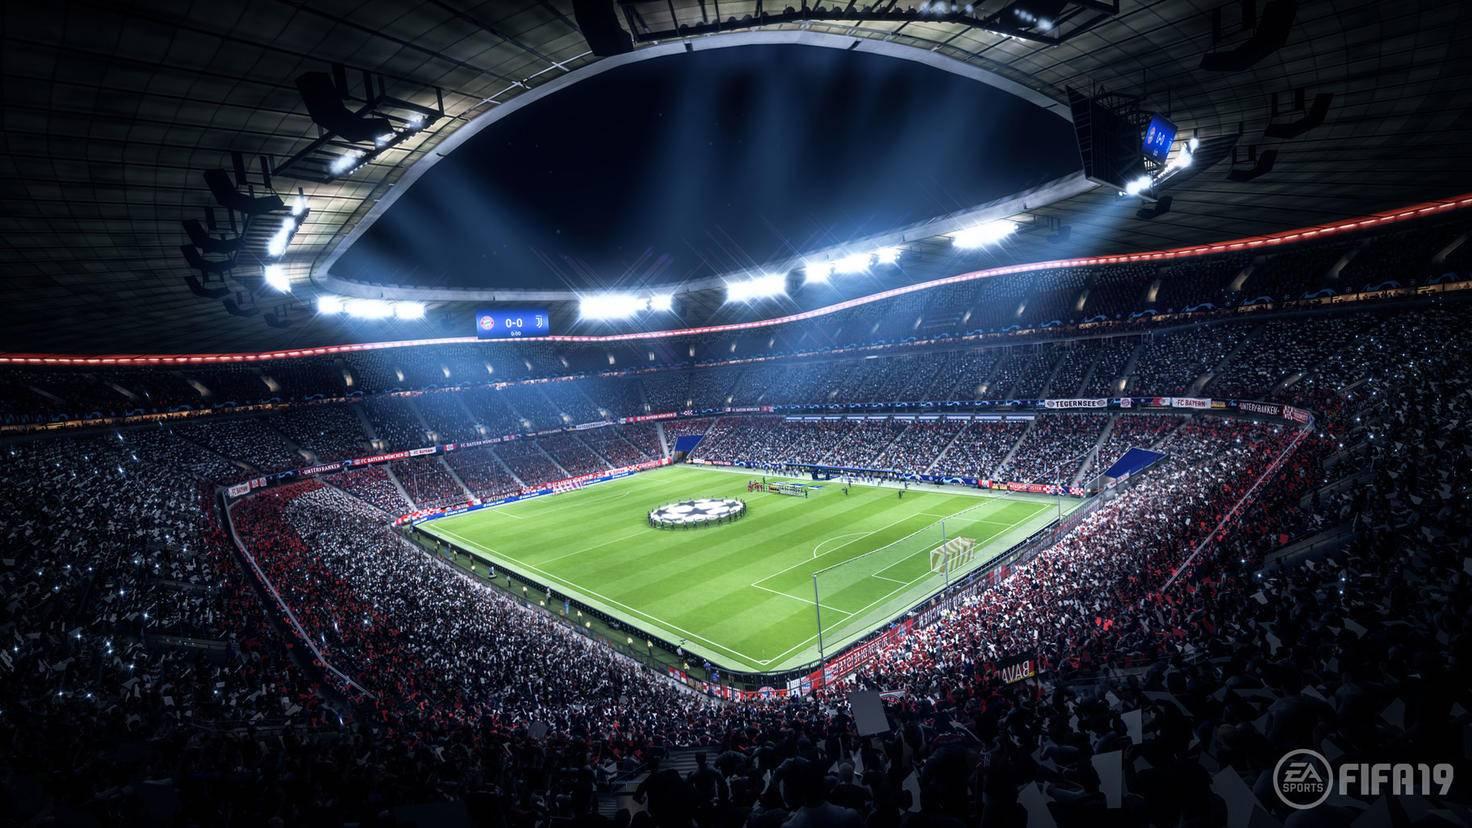 fifa-19-allianz-arena-bayern